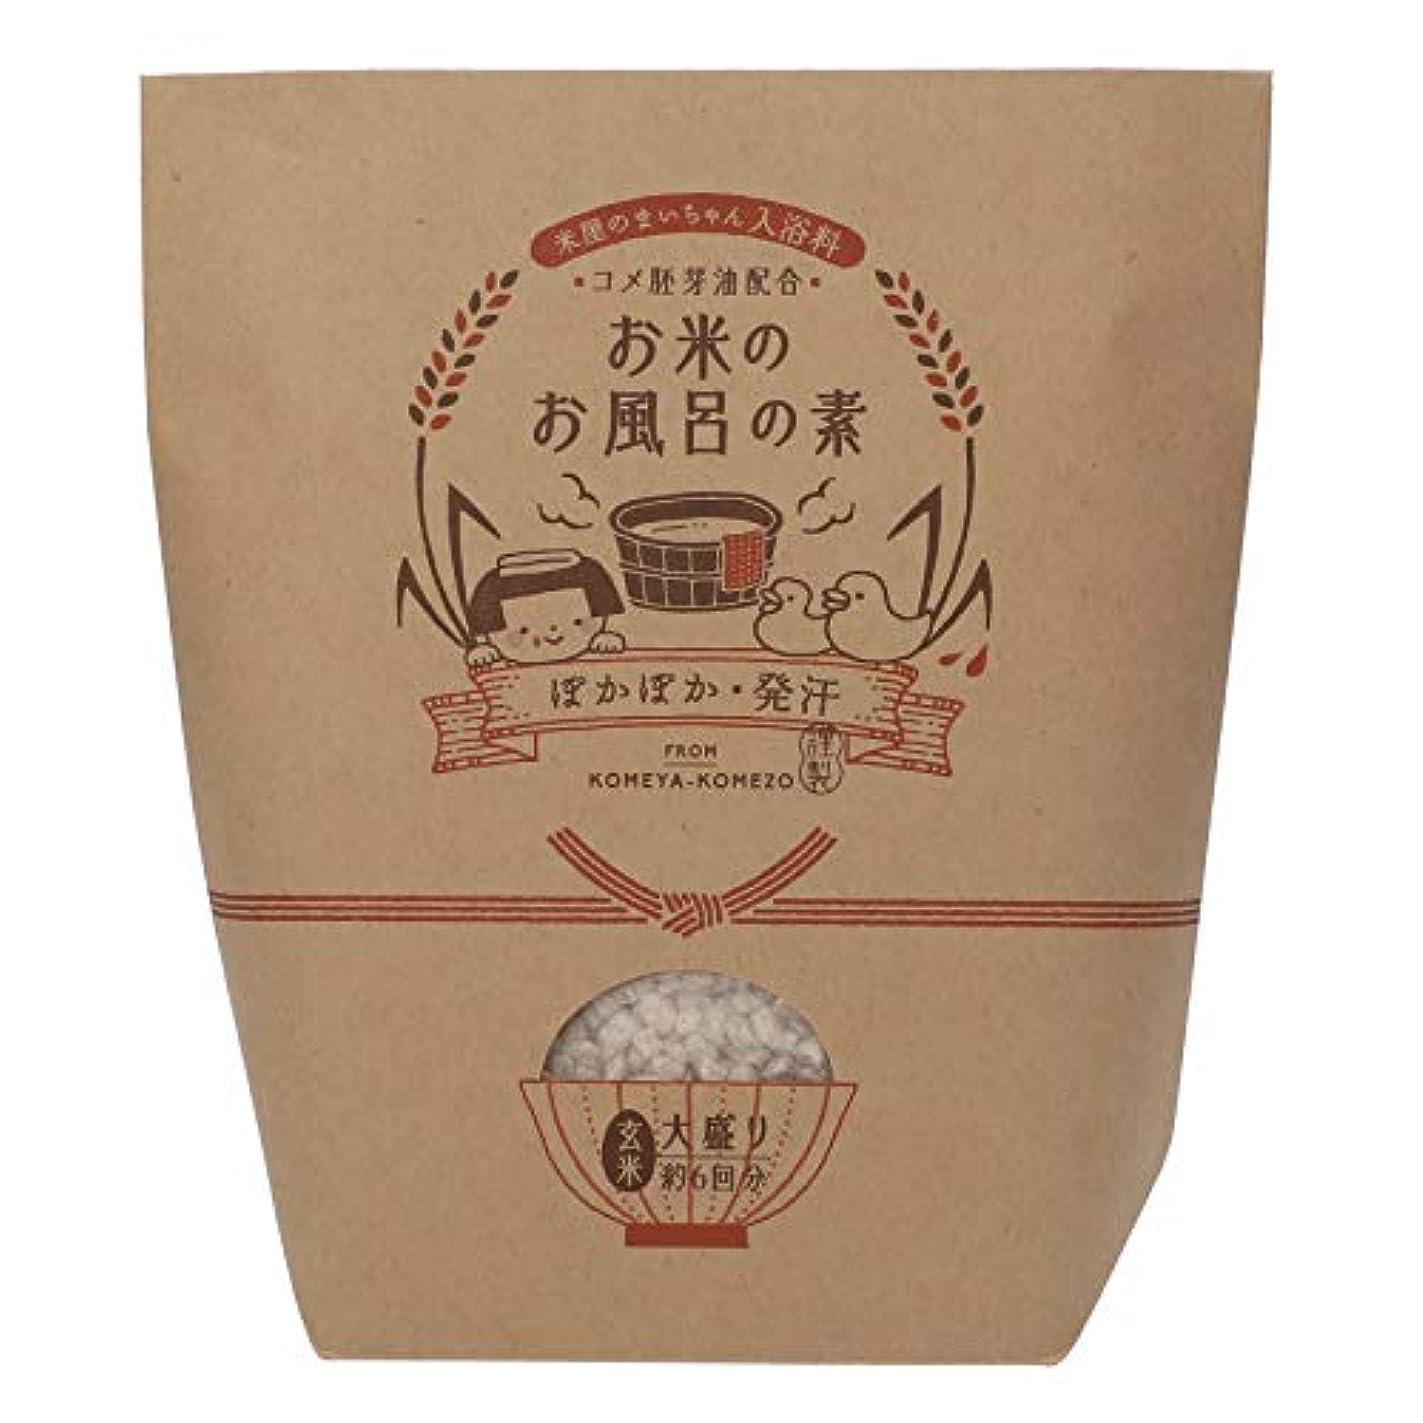 ハントシャイ小石お米のお風呂の素 大盛り(発汗)